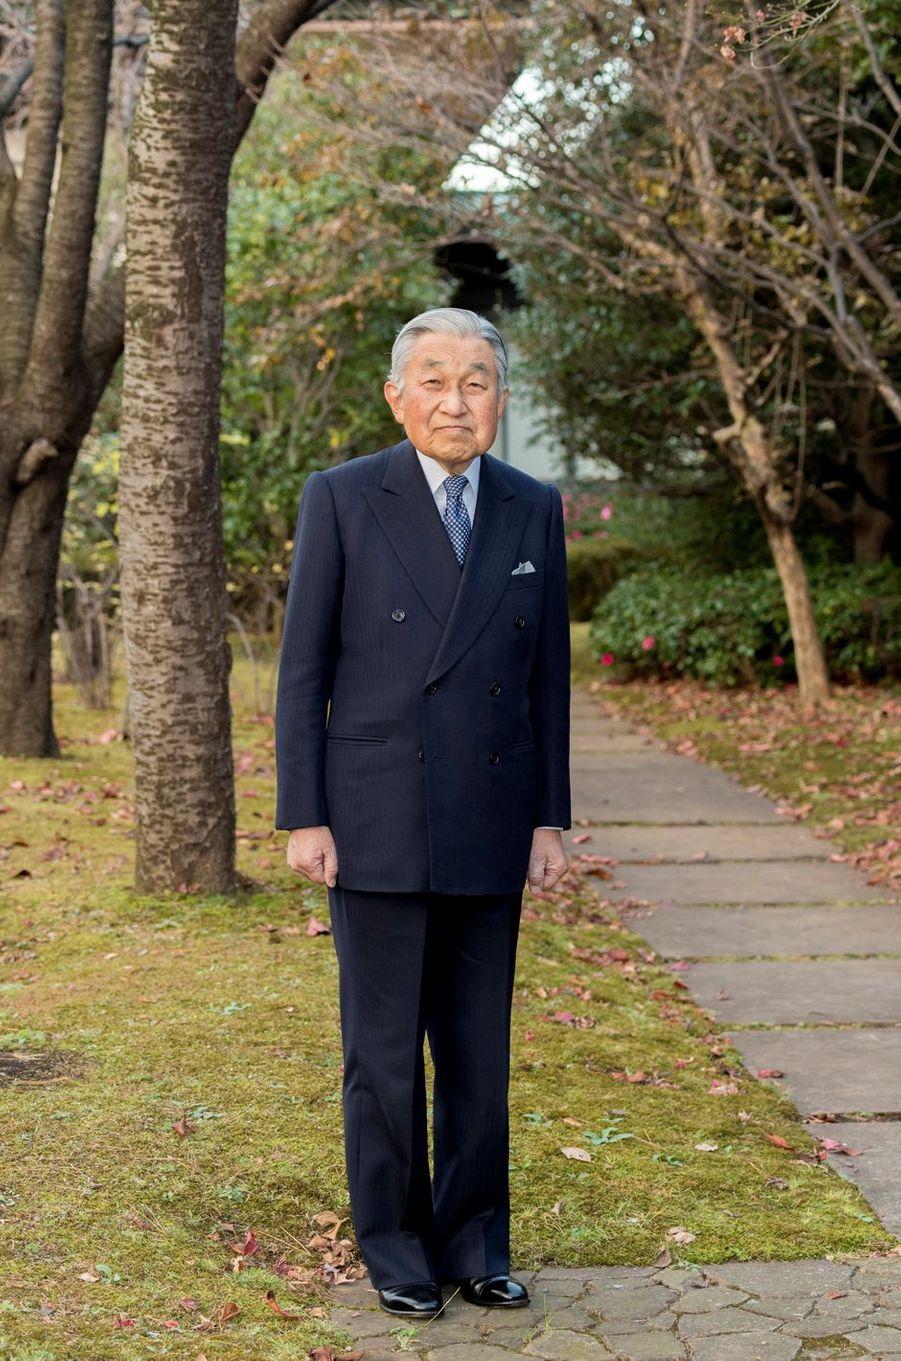 L'empereur Akihito du Japon à Tokyo, le 10 décembre 2018. Photo diffusée pour son 85e anniversaire le 23 décembre 2018